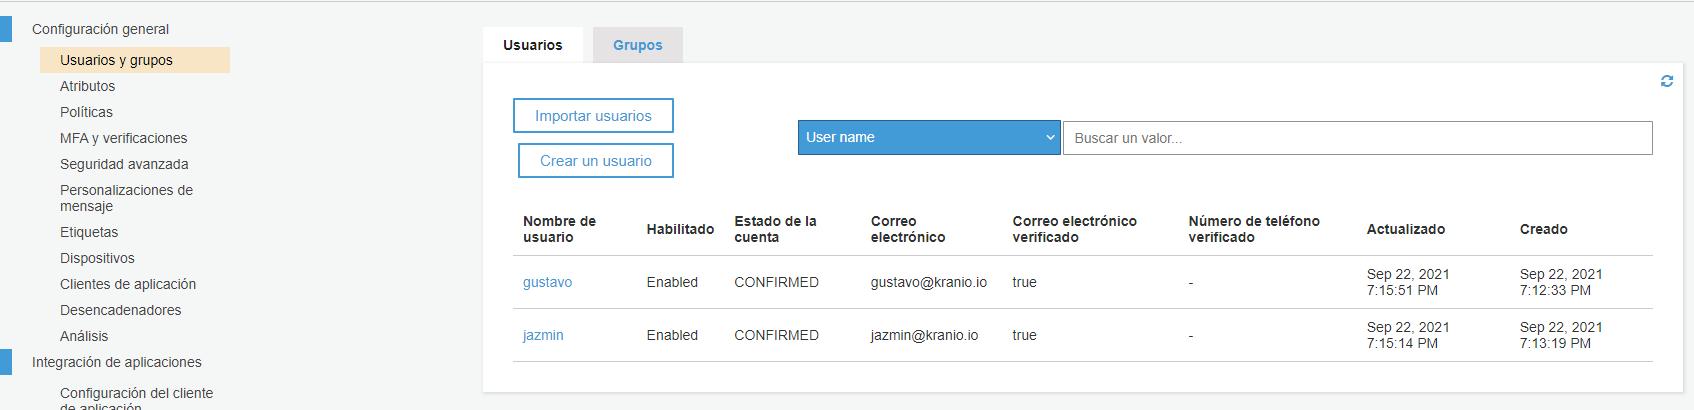 consola de cognito para definir usuarios manulamente